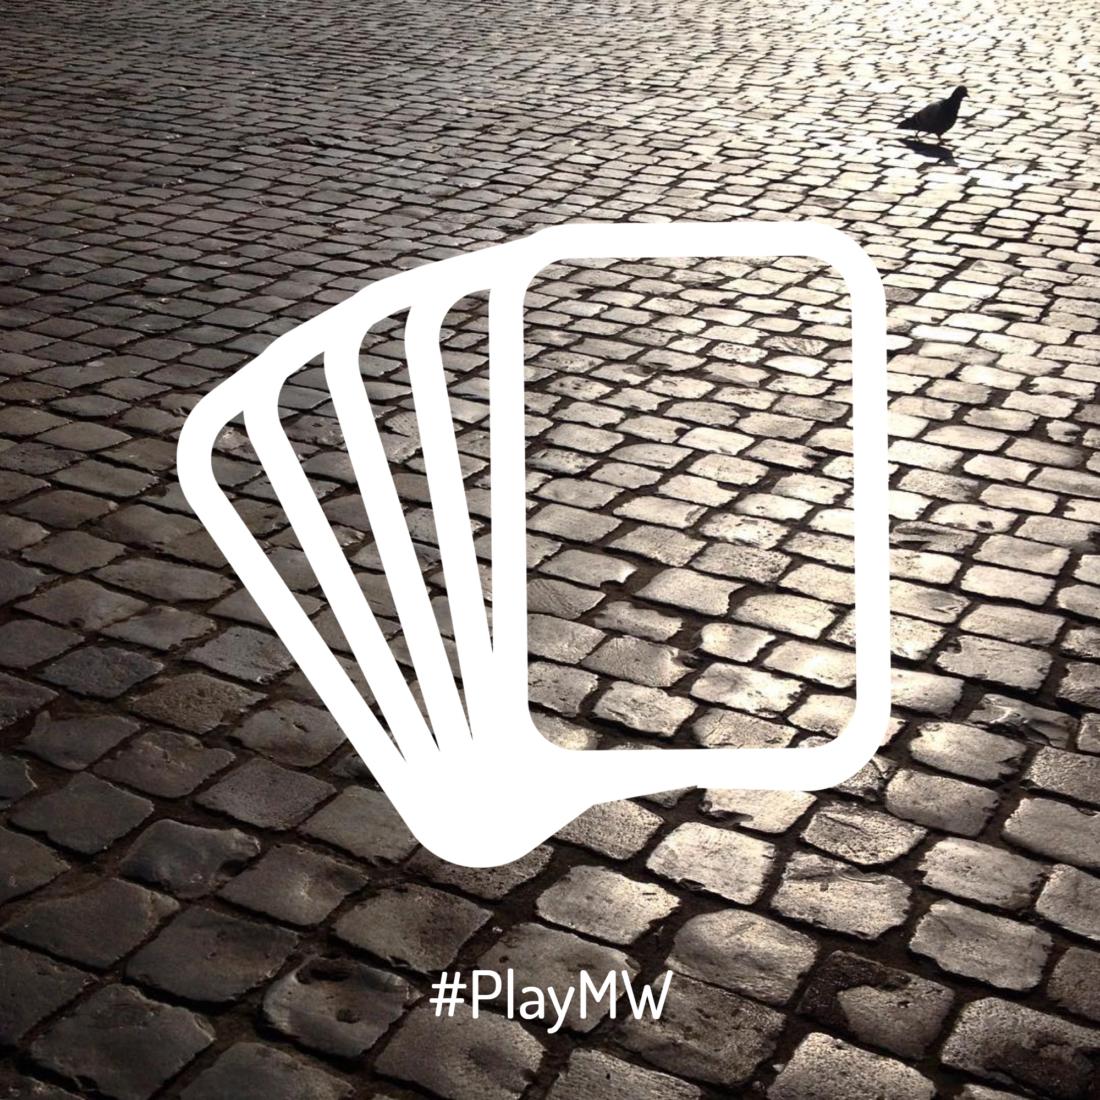 #PlayMW